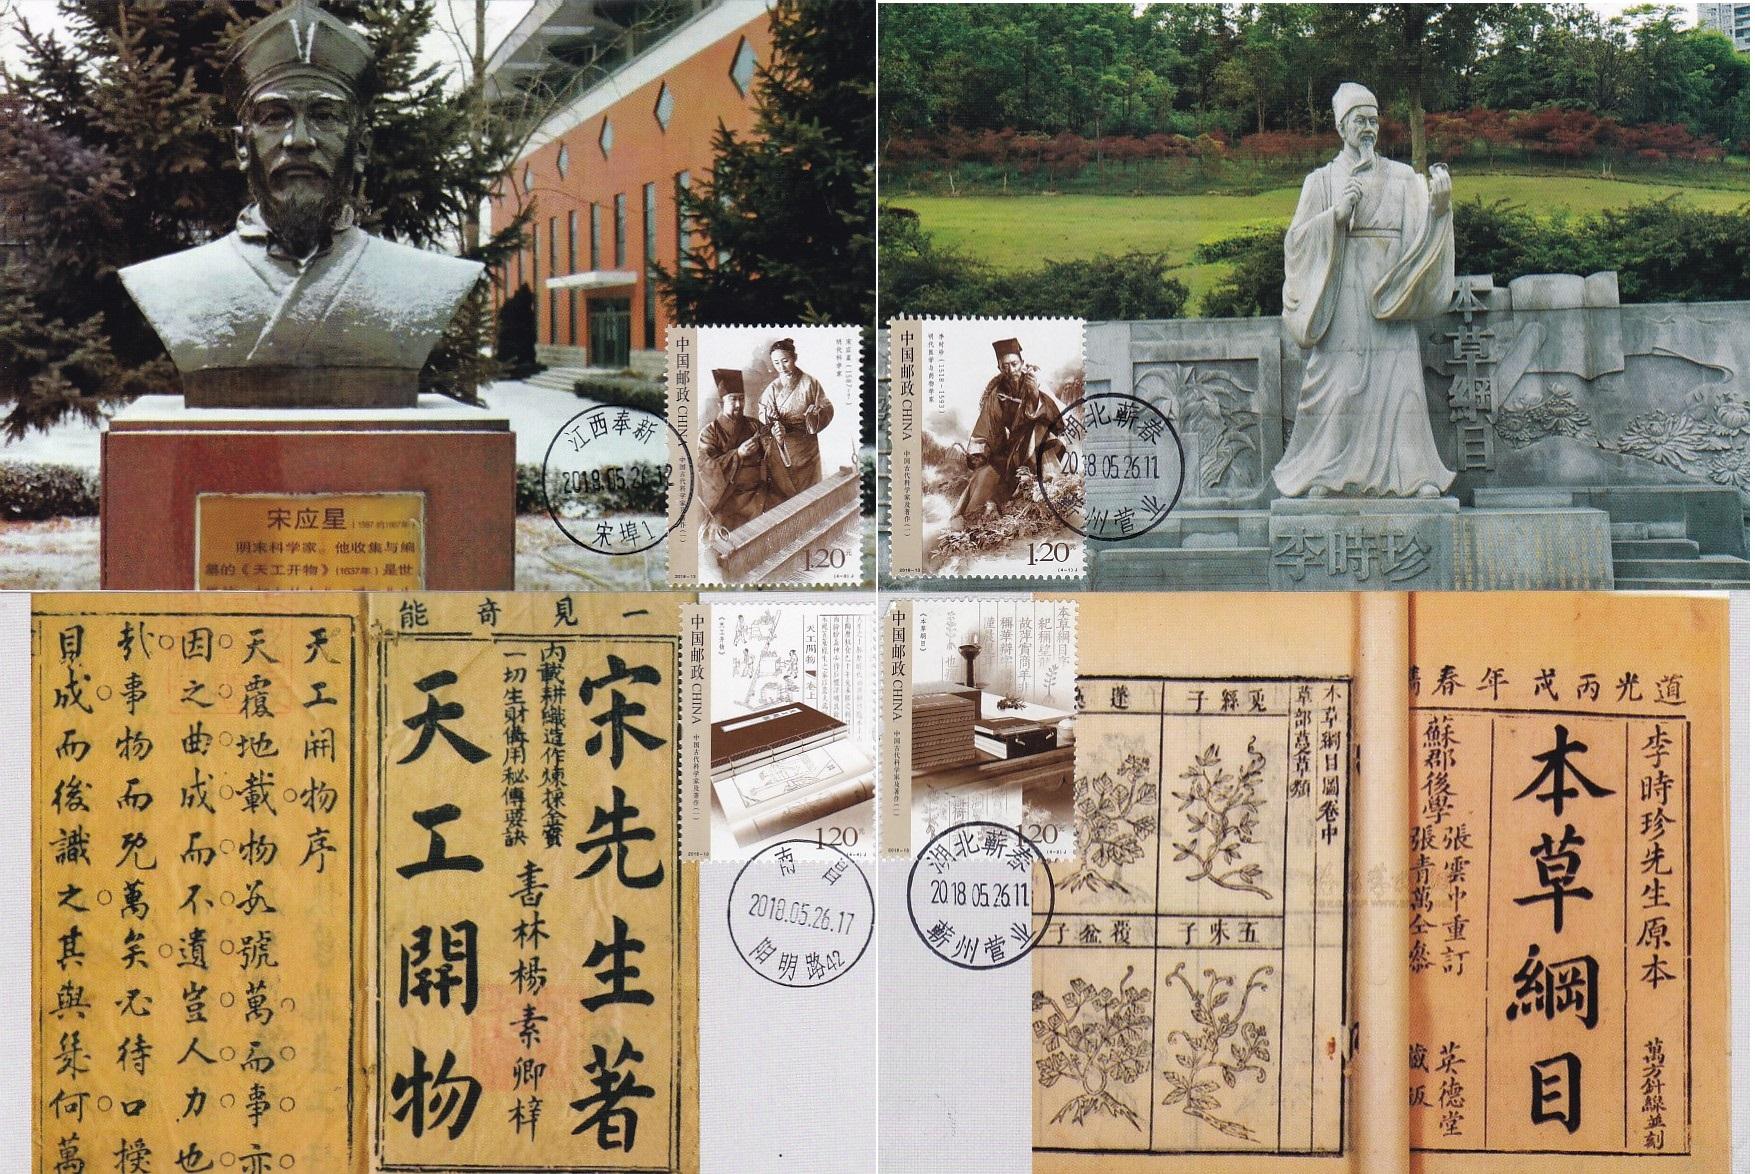 2018-13 Древний Китай поколение Ученые и книги Песня Yingxing Li Shizhen Limit Movie 4 полностью B стиль